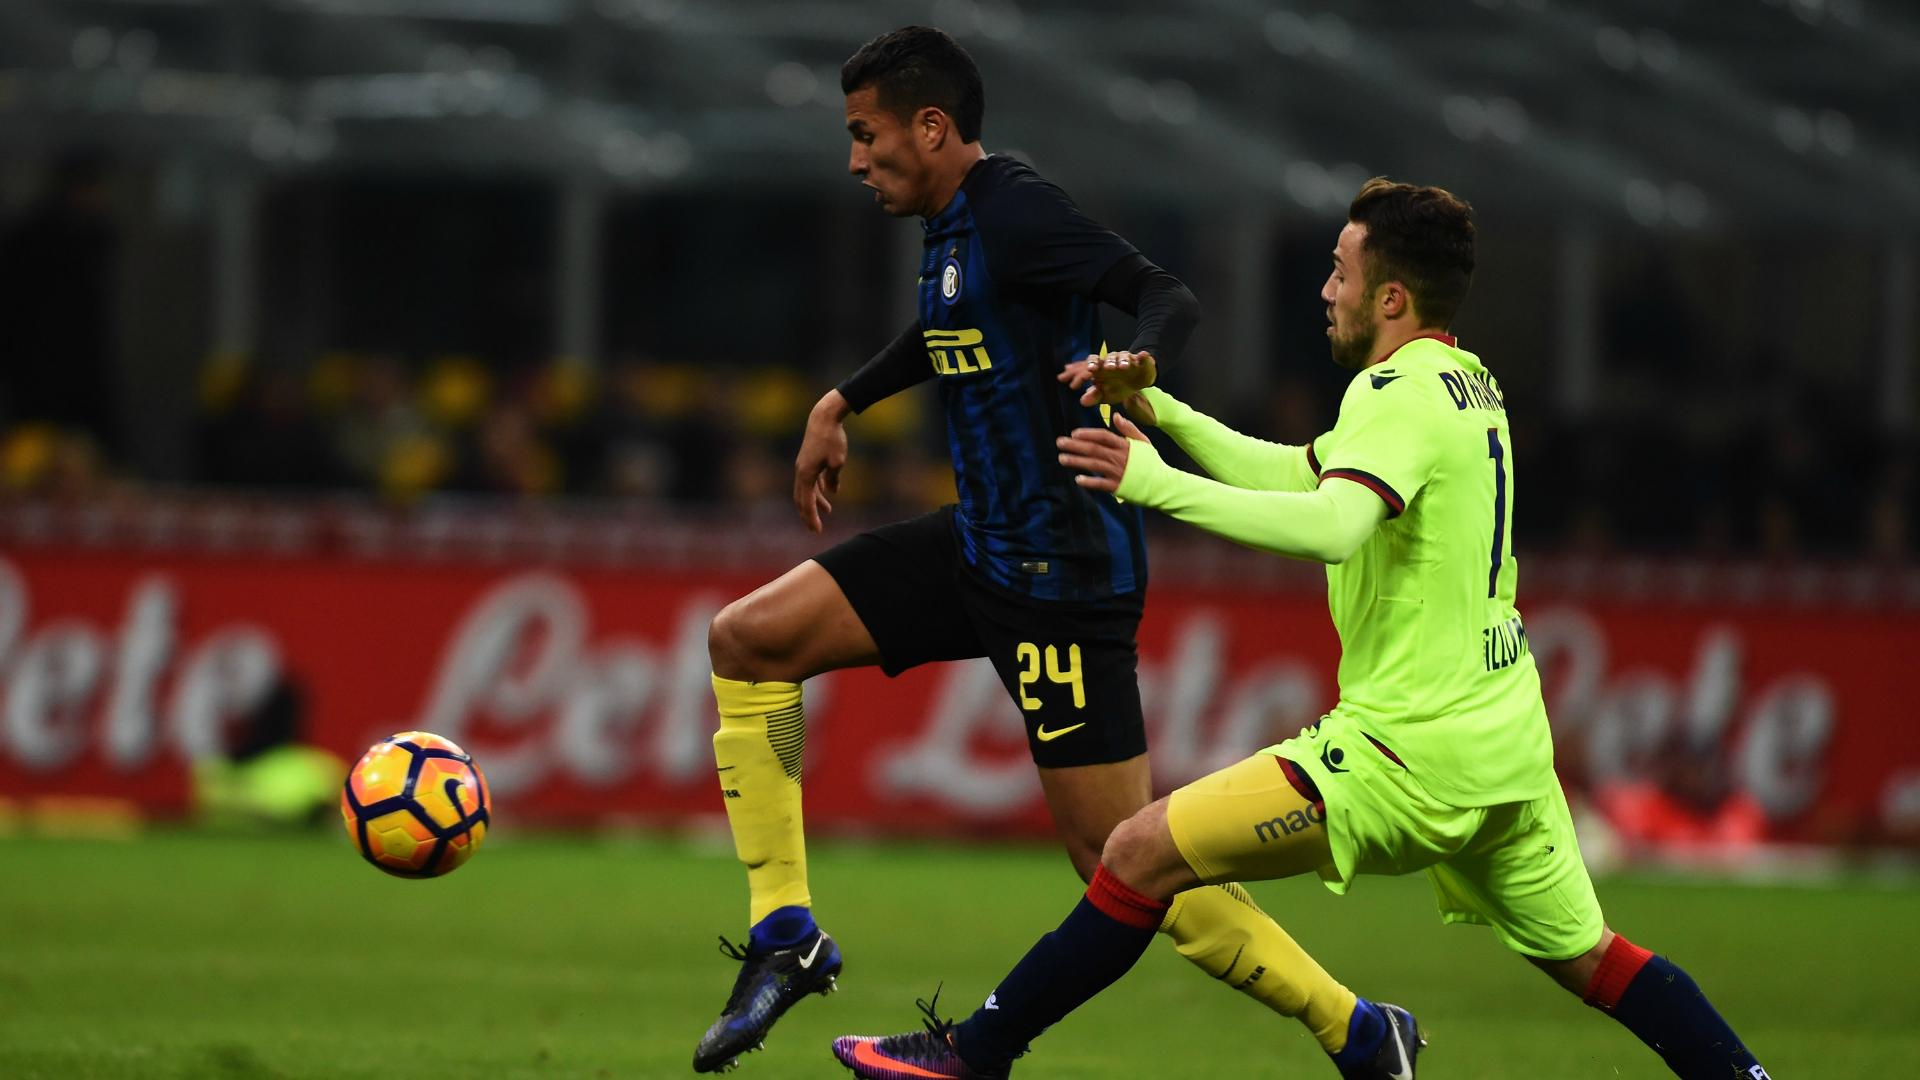 Jeison Murillo Di Francesco Inter Bologna Coppa Italia